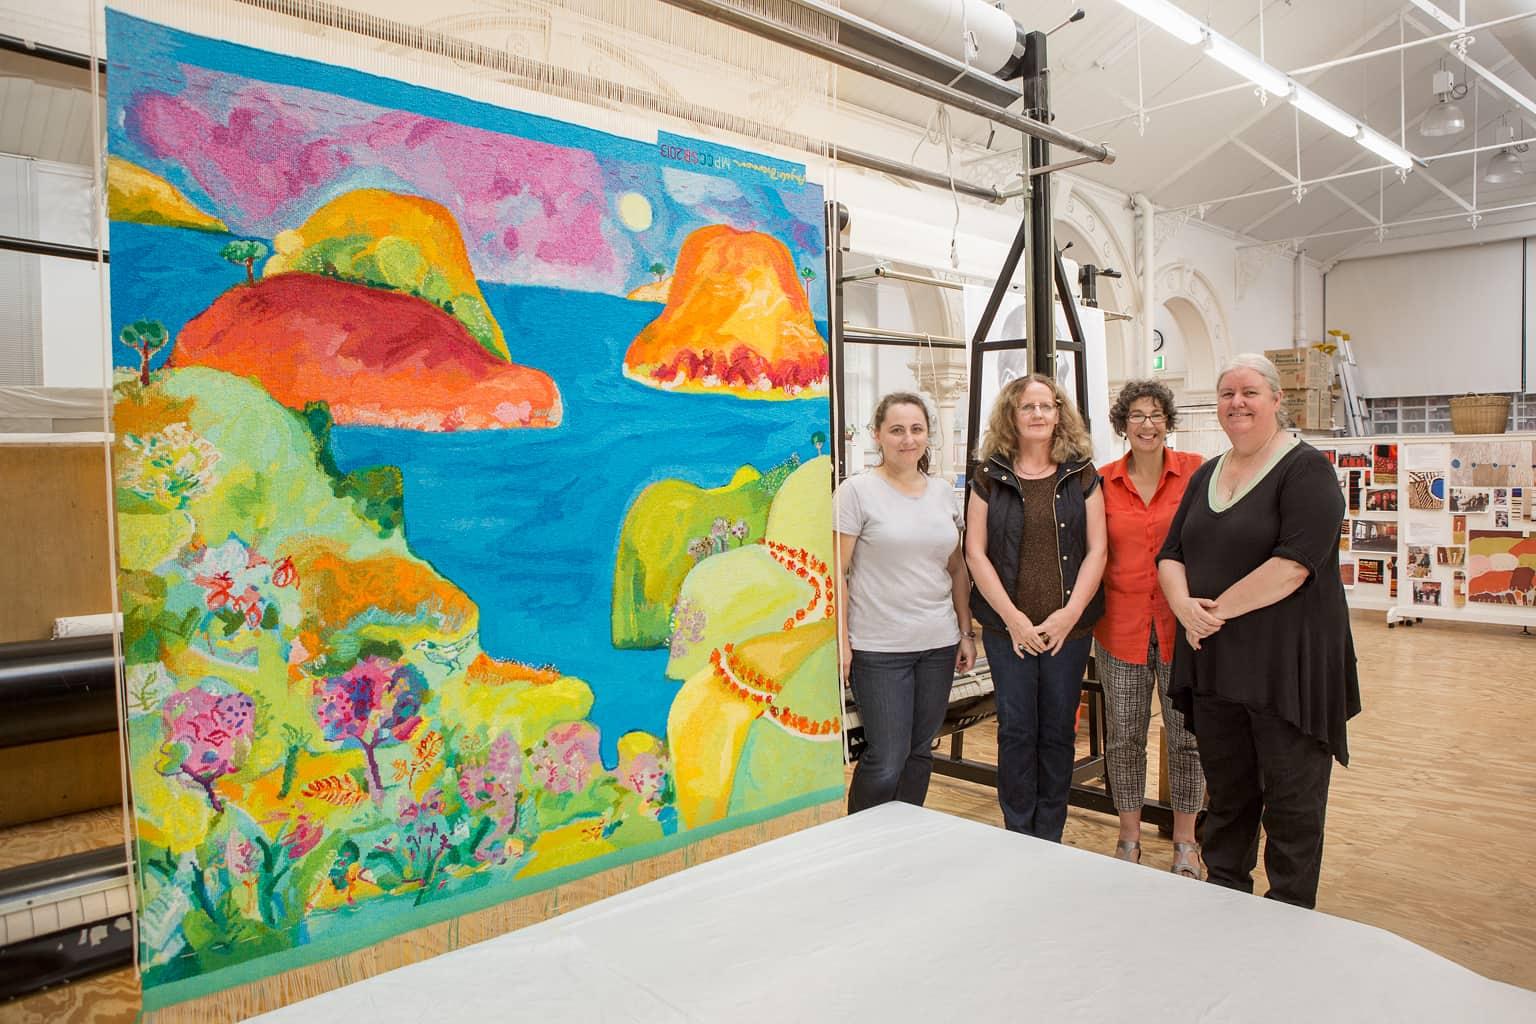 Milena Paplinska, Angela Brennan, Sue Batten & Chris Cochius with 'Point Addis' designed by Angela Brennan in 2013. Photograph: Jeremy Weihrauch.